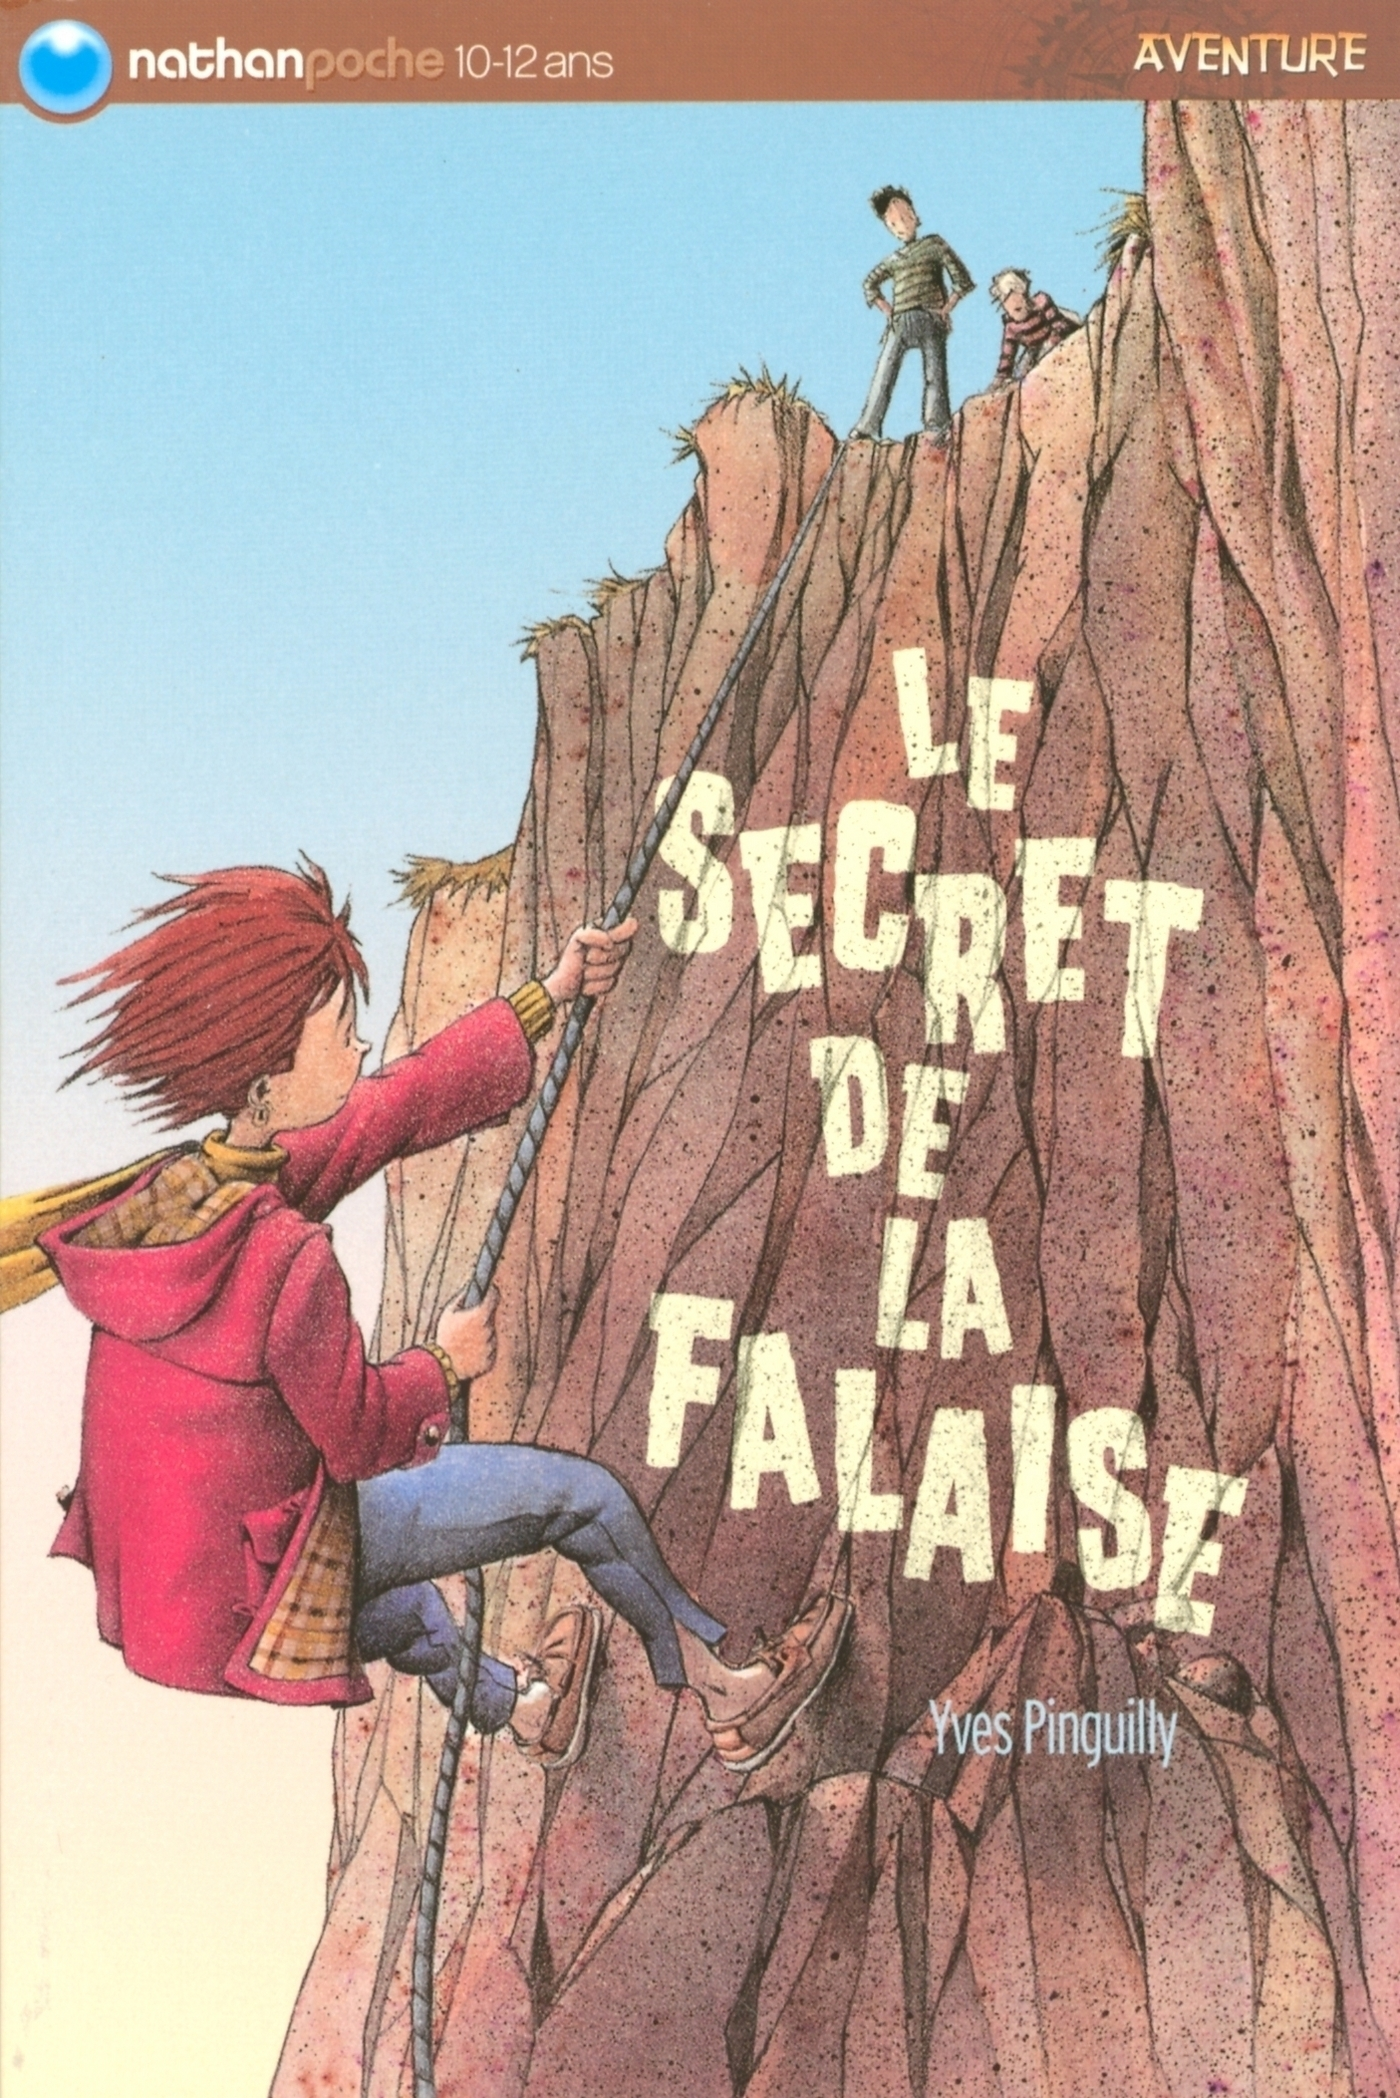 Le secret de la falaise